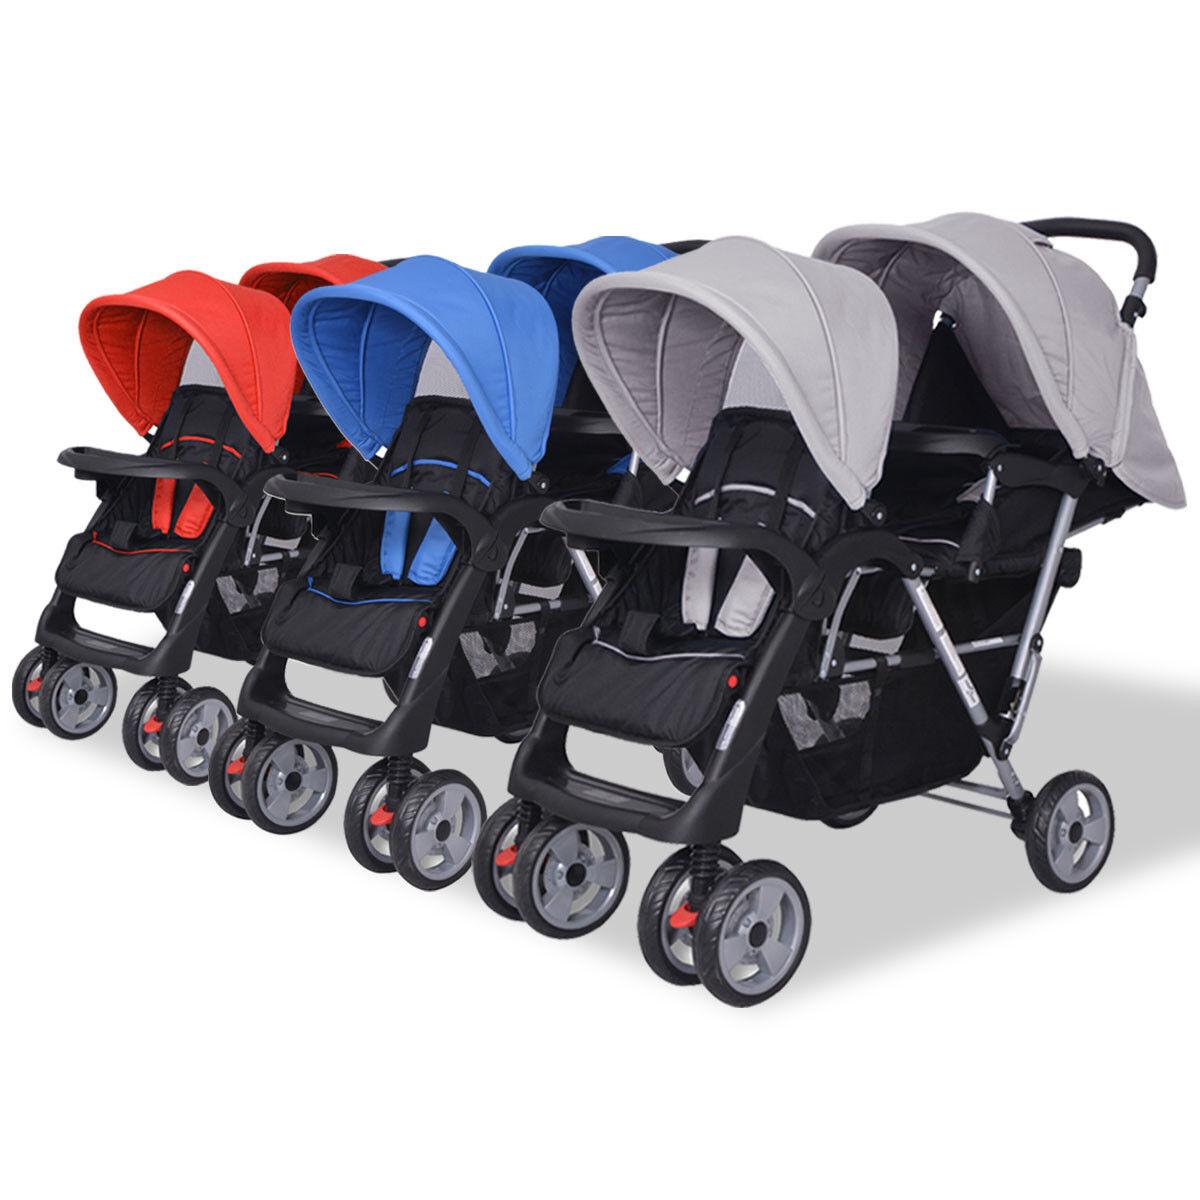 Doppel Kinderwagen Mit 2 Verdecke Baby Komplettset Babyschale Geschwisterwagen